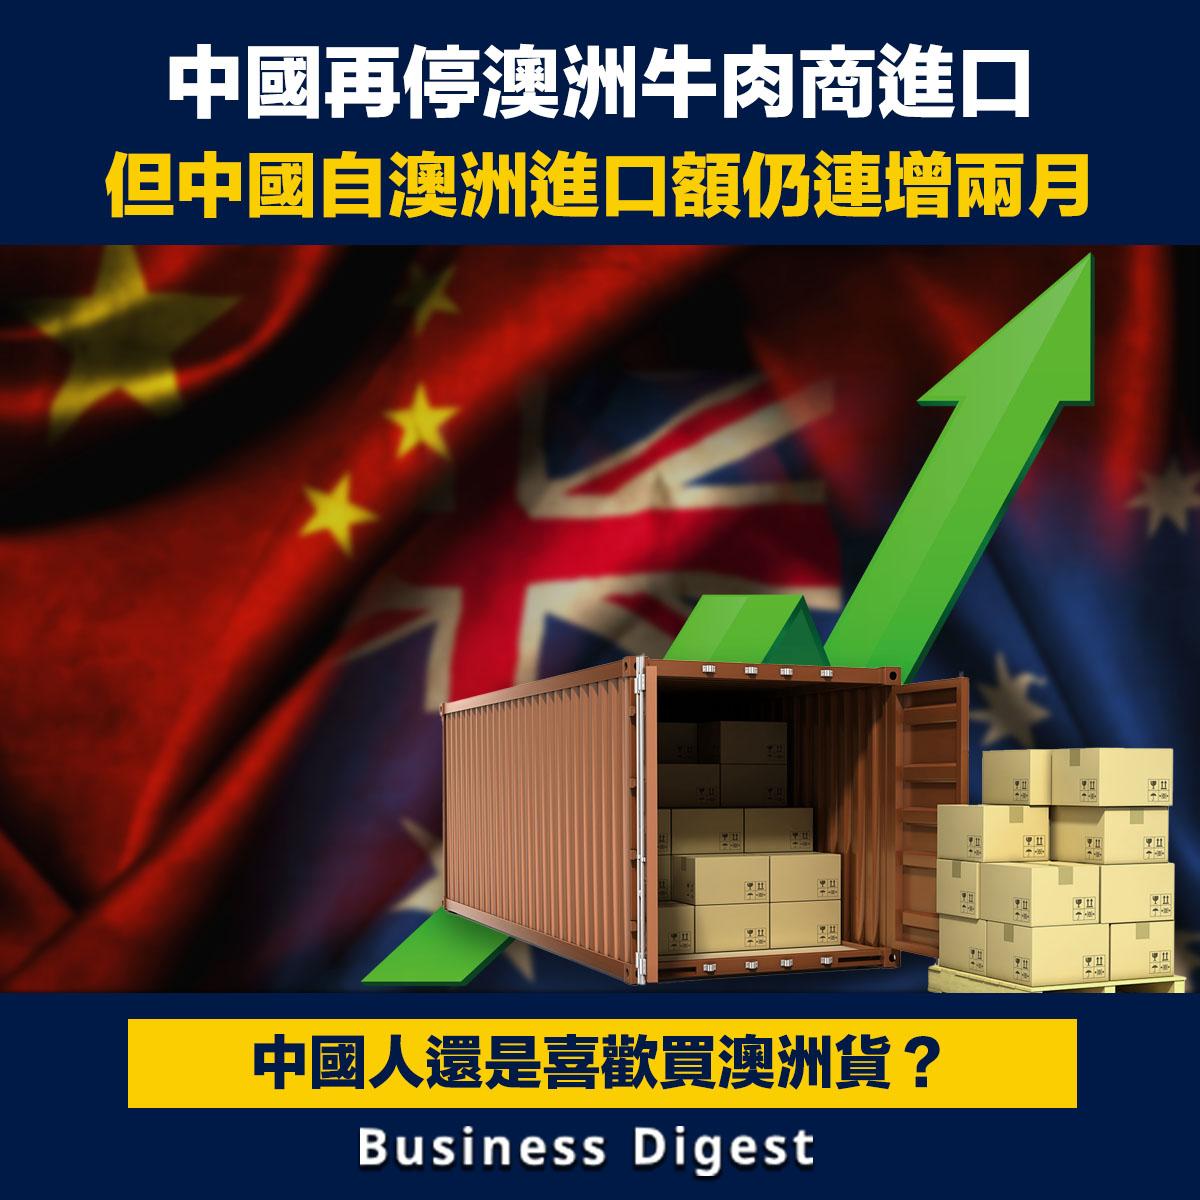 中國再停澳洲牛肉商進口,但中國自澳洲進口額仍連增兩月